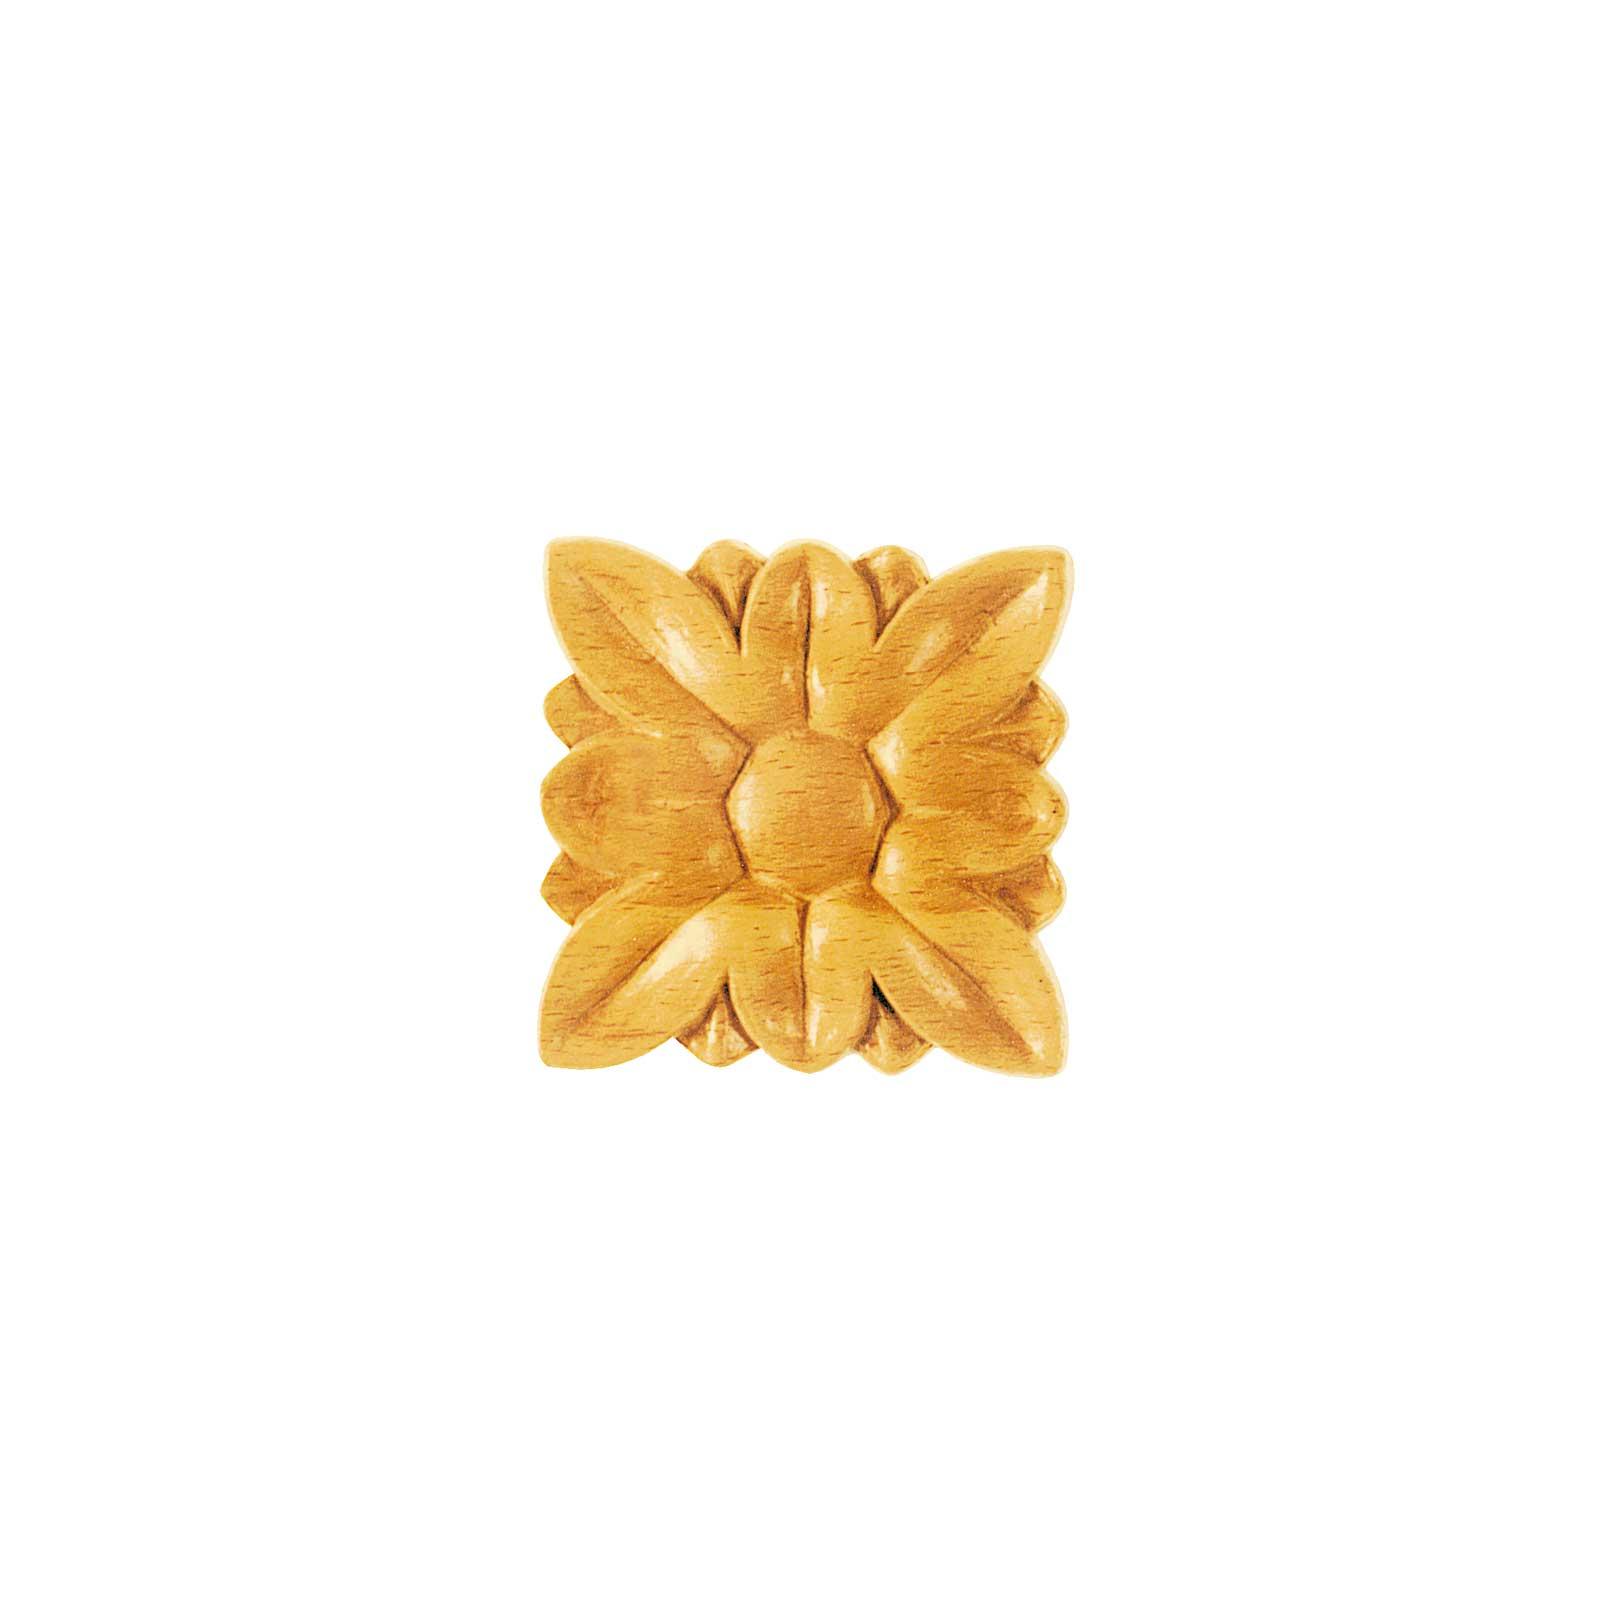 Small square rosettes